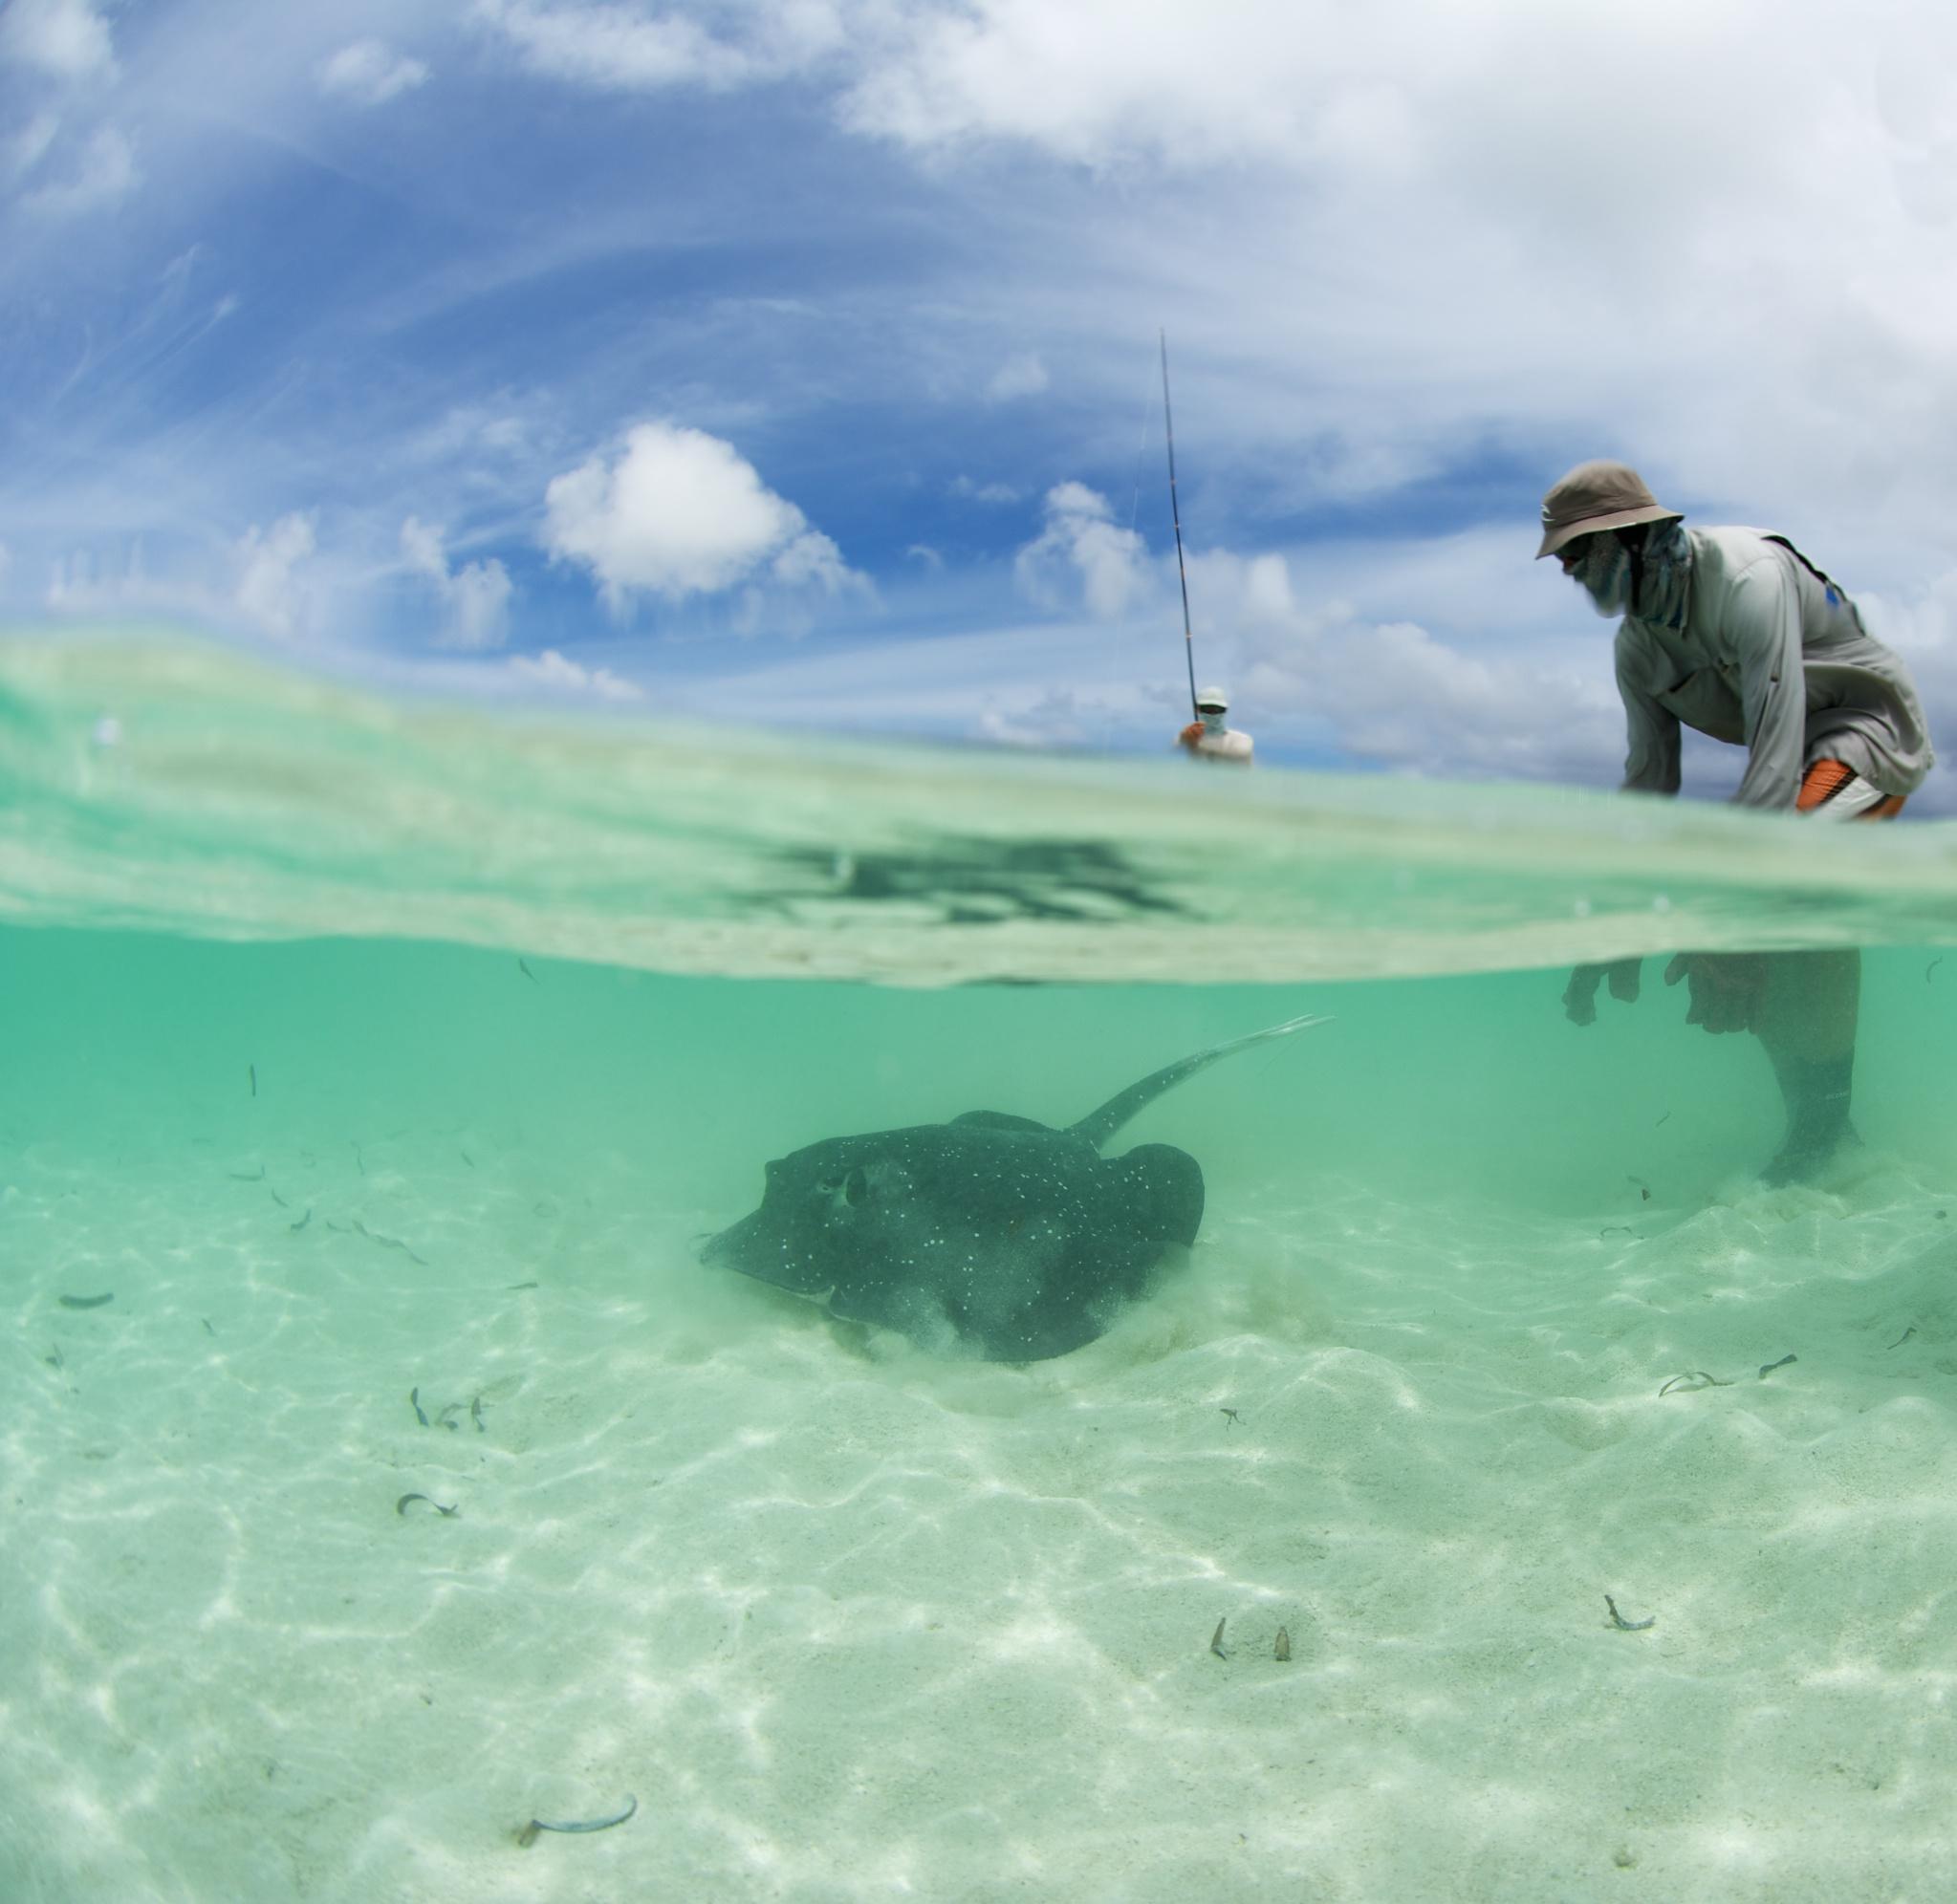 Photo by Rainer von Brandis | © Save Our Seas Foundation